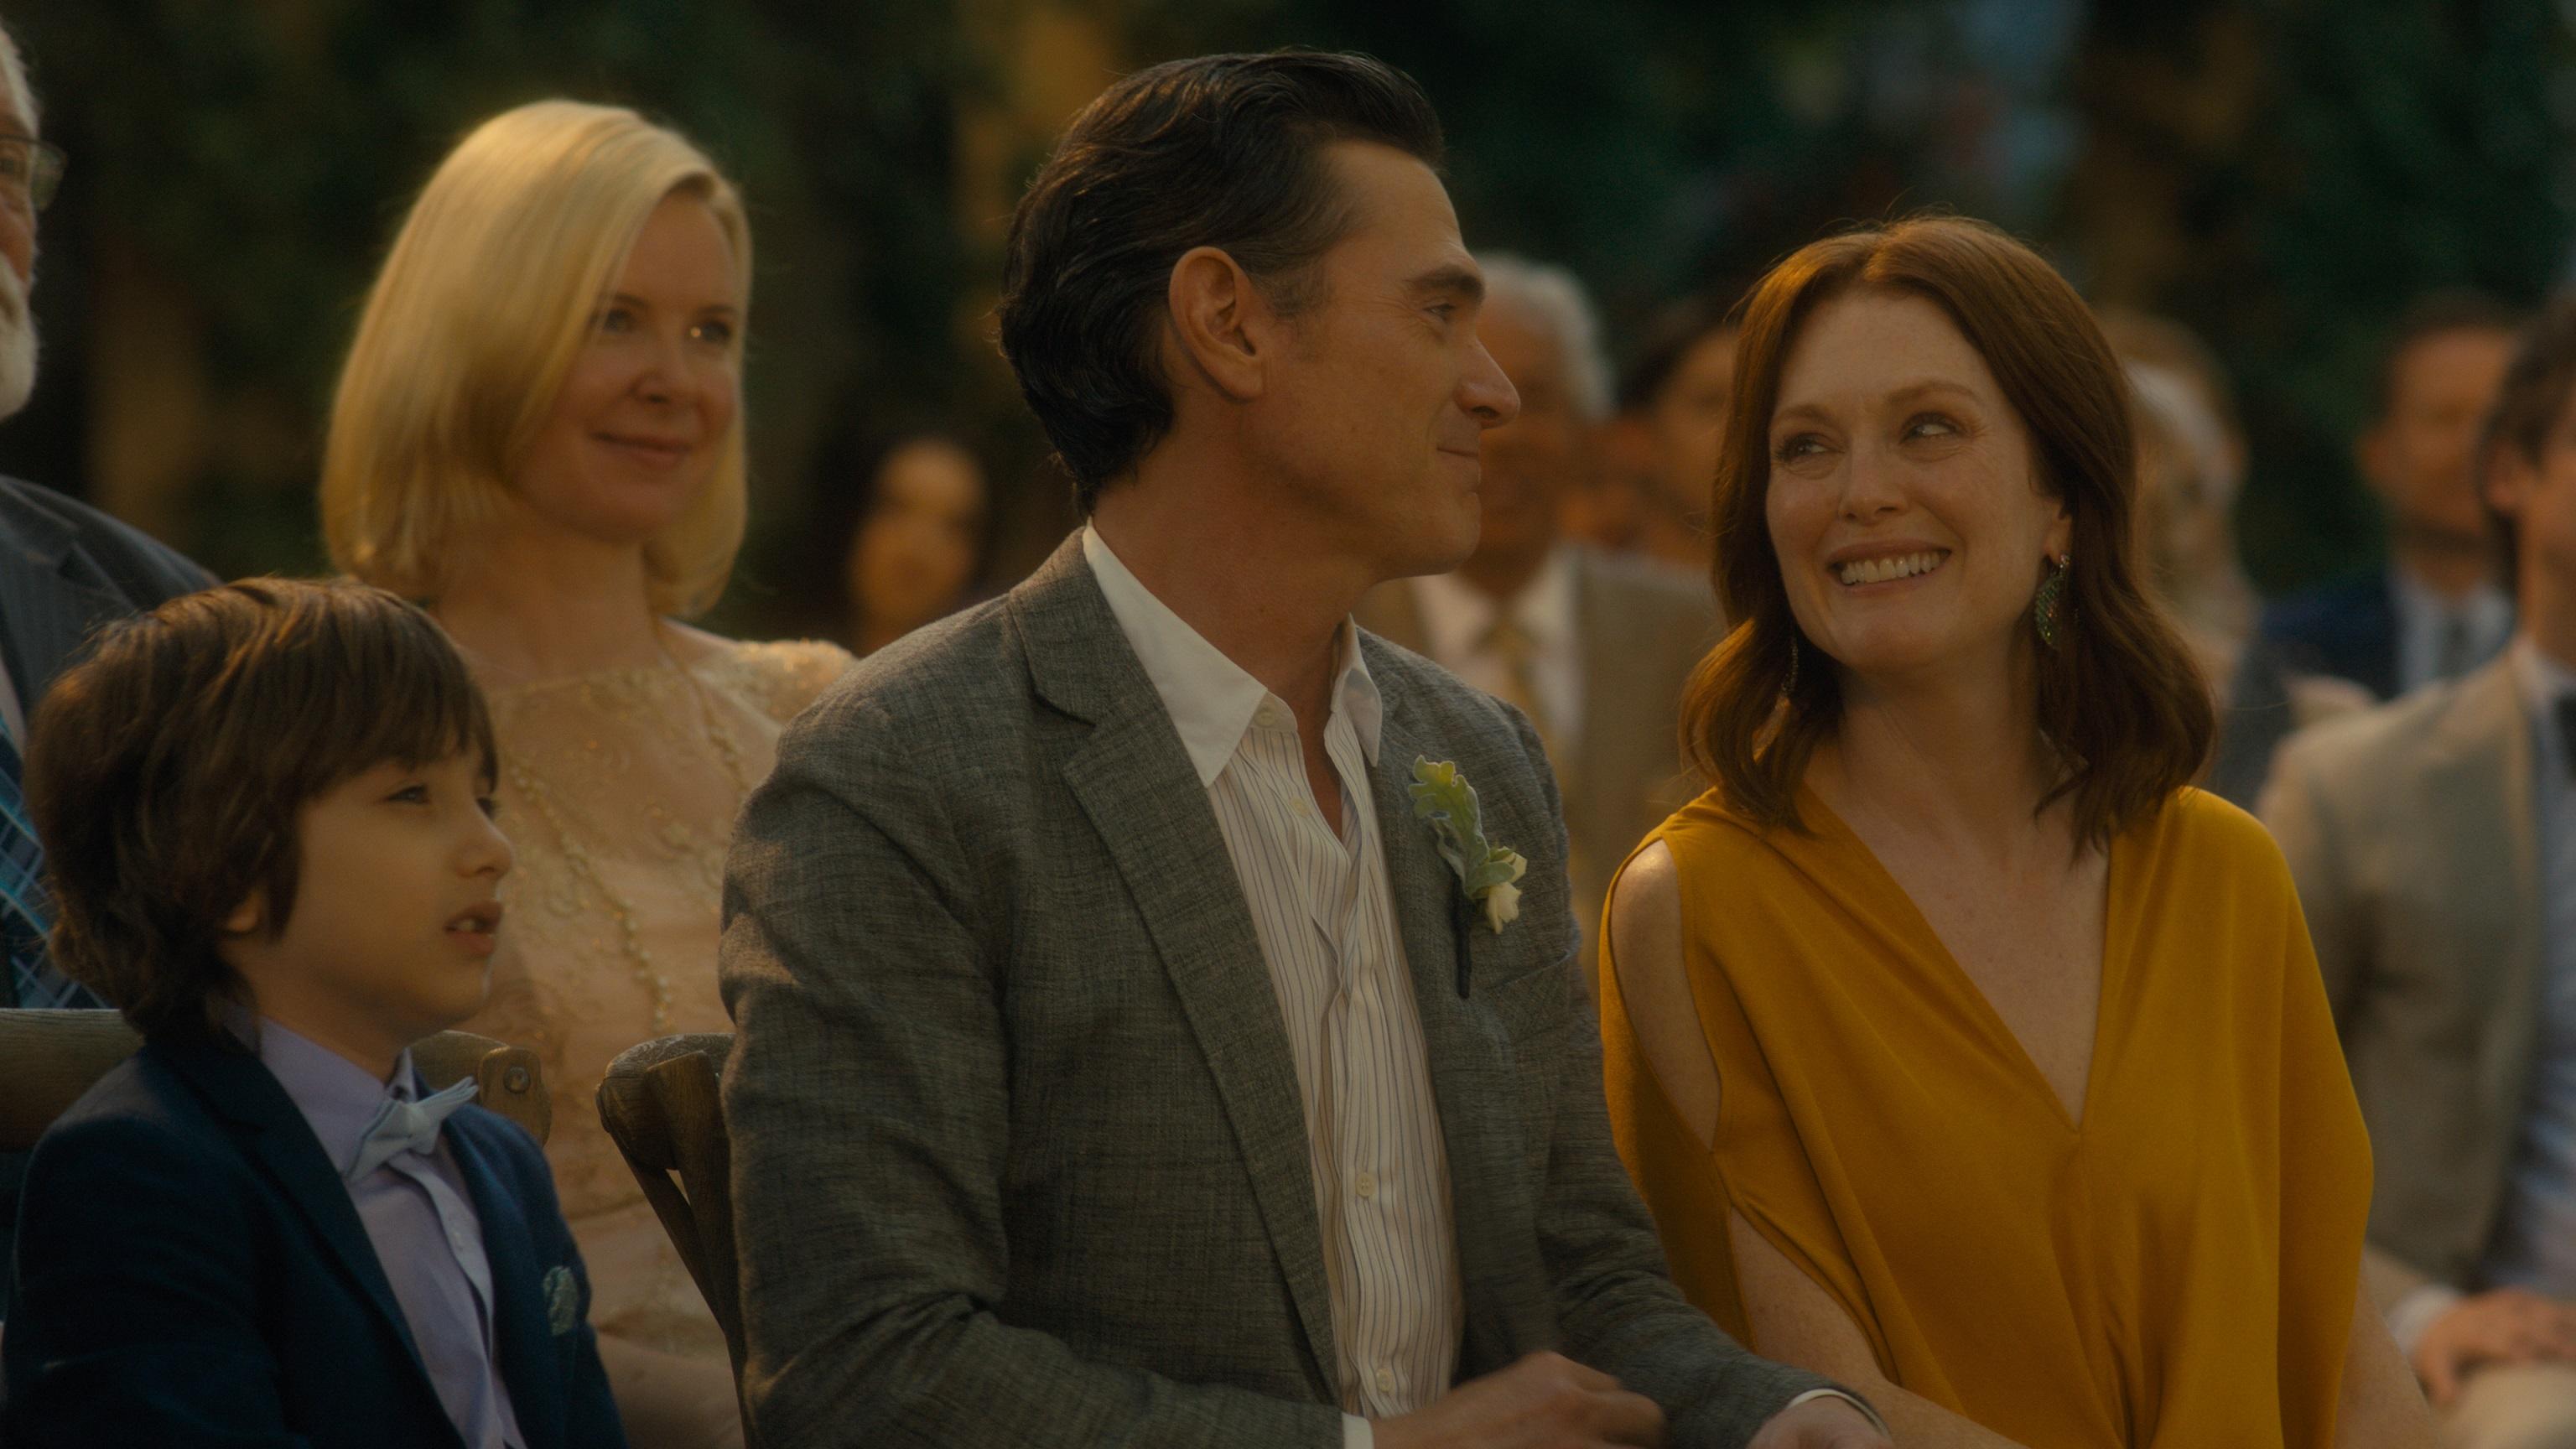 茱莉安摩爾合作導演丈夫《你願意嫁給我老公嗎?》展現夫妻默契  影后高顏值女兒幕後見習但這場戲不准看